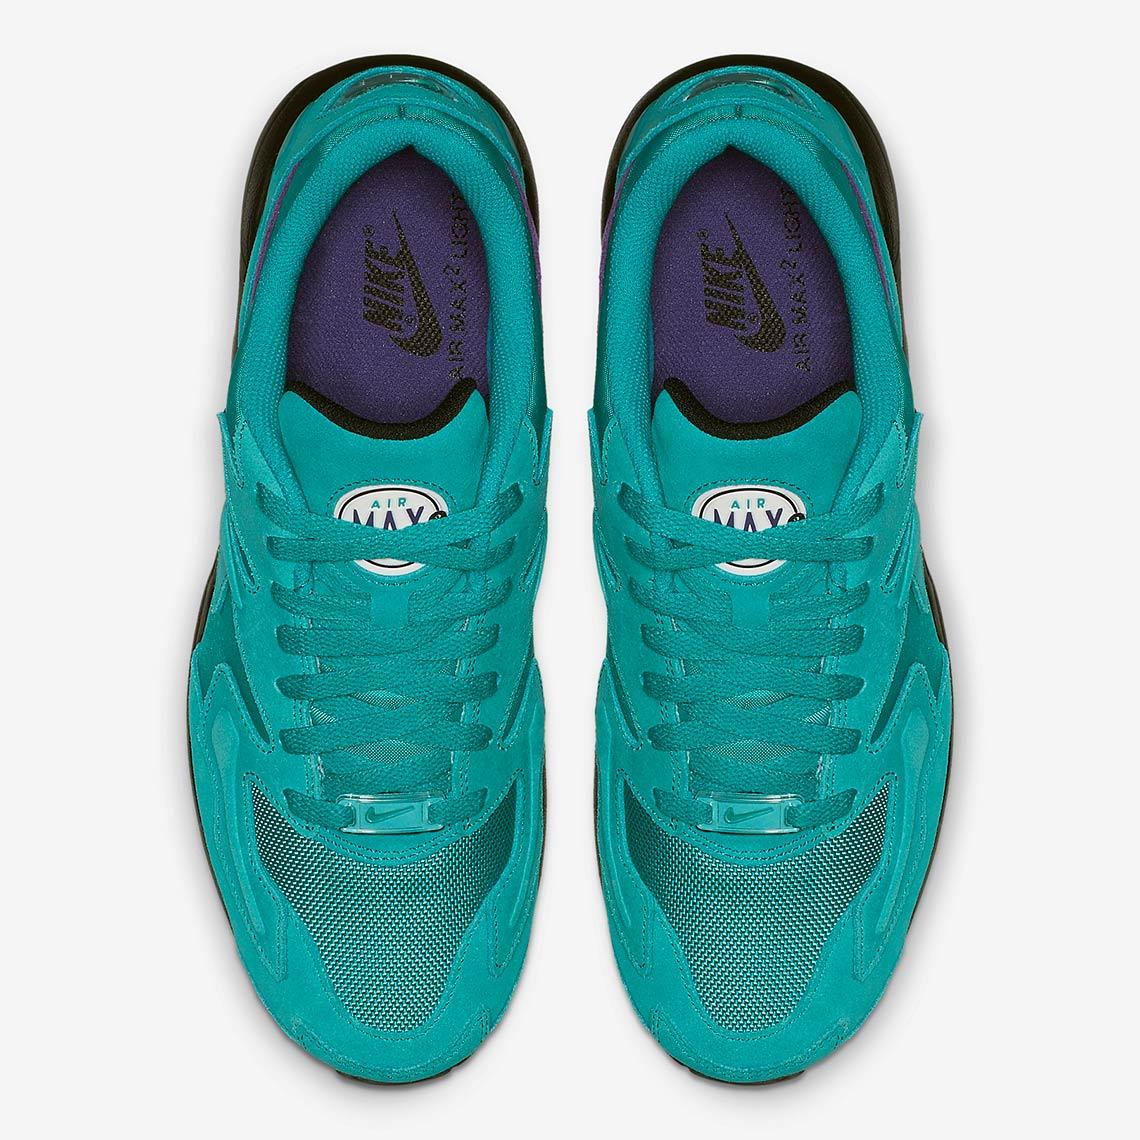 Nike Air Max 2 Light AO1741-300 + AO1741-500 Info  afc409077